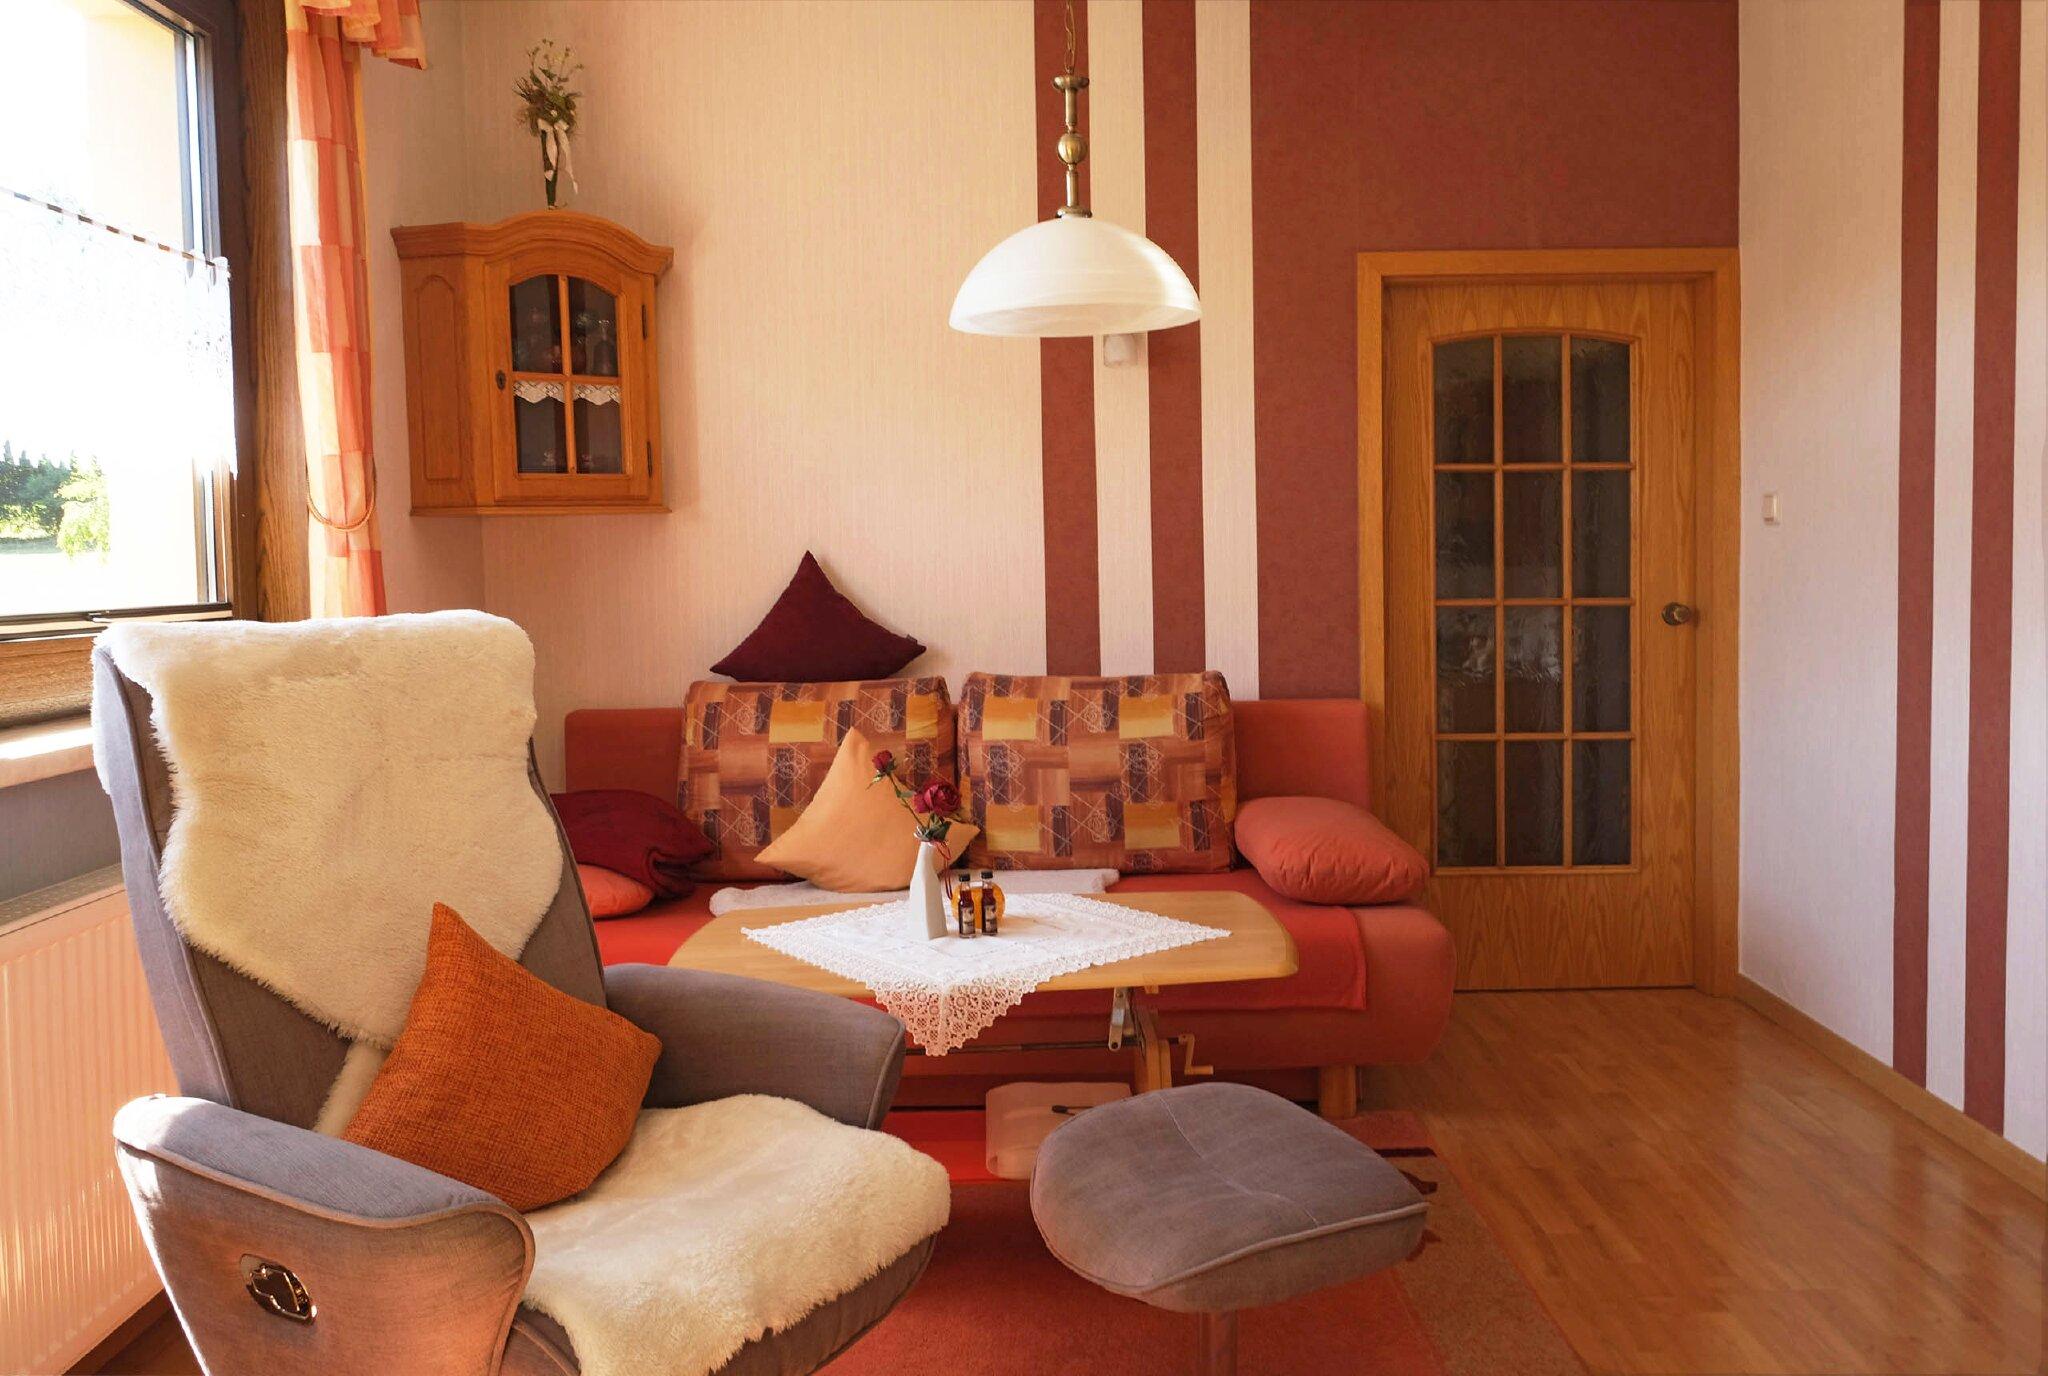 Ferienwohnung Gartenblick (Wohnzimmer)